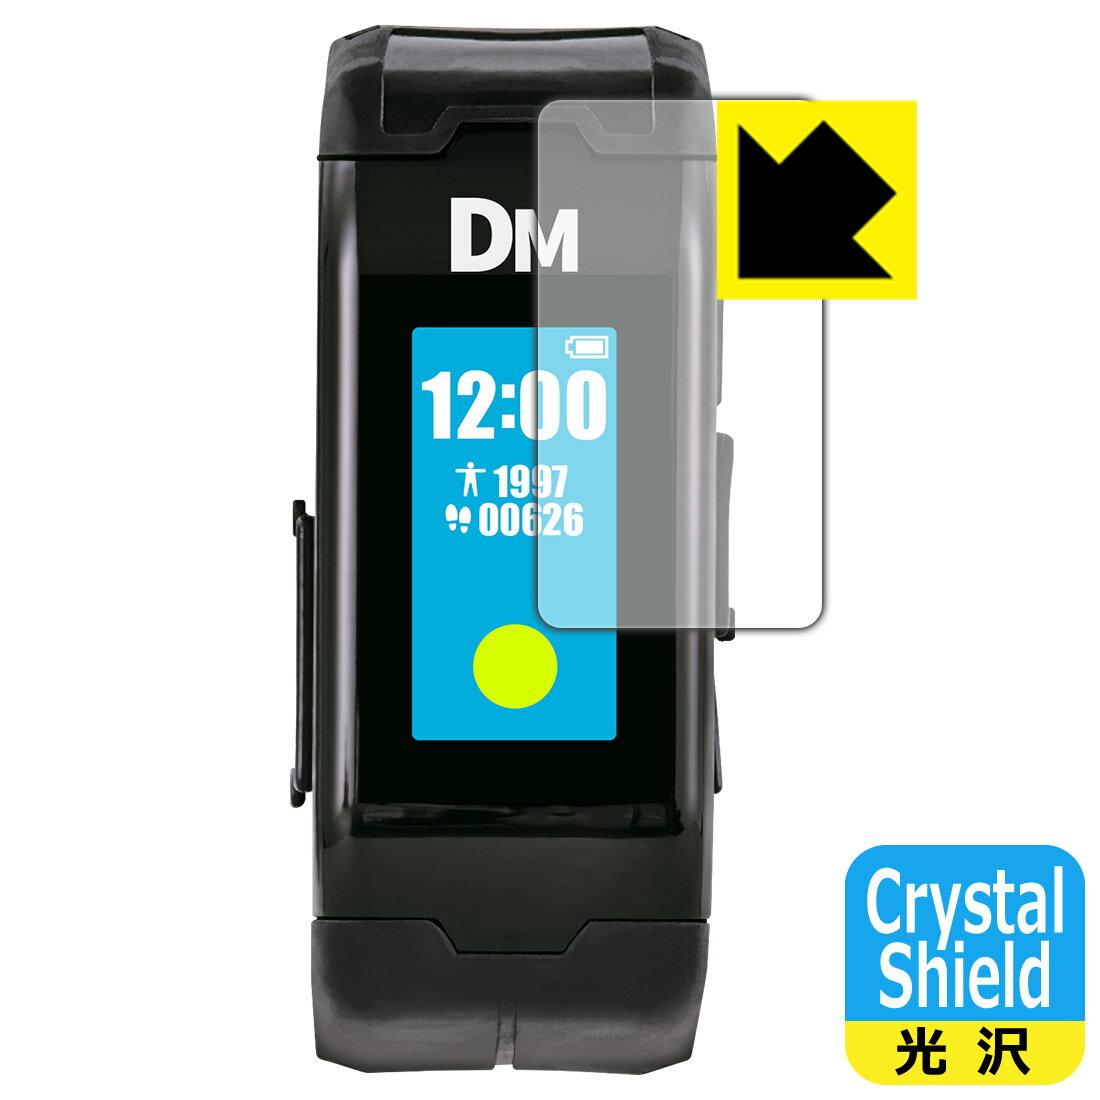 電子玩具・キッズ家電, その他 Crystal Shield (-V-) RCPsmtb-kd